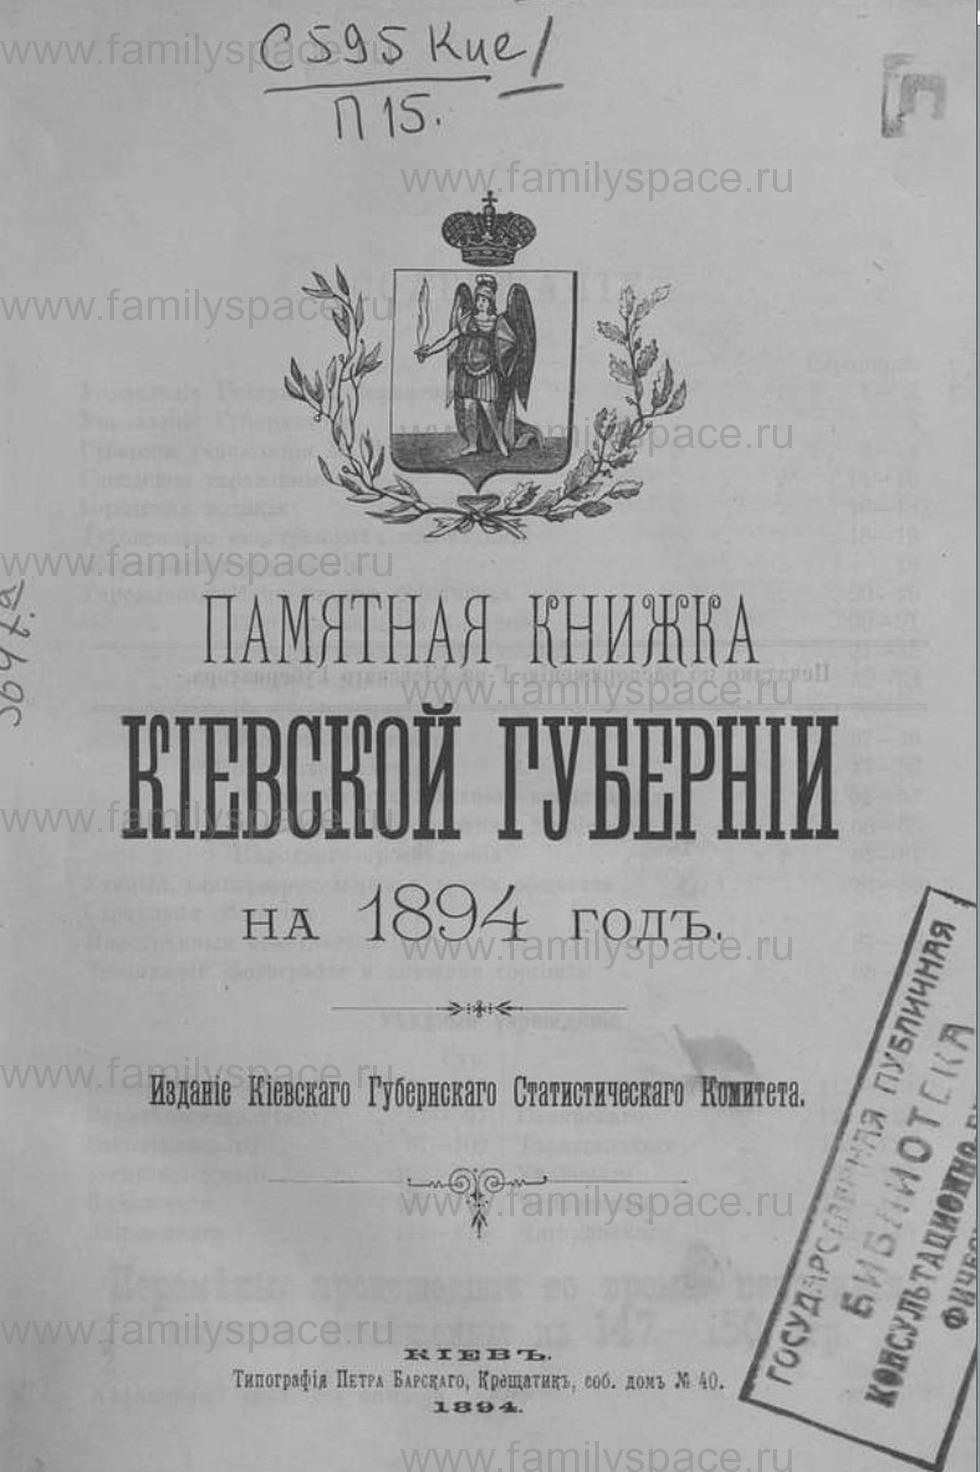 Поиск по фамилии - Памятная книжка Киевской губернии на 1894 год, страница 3